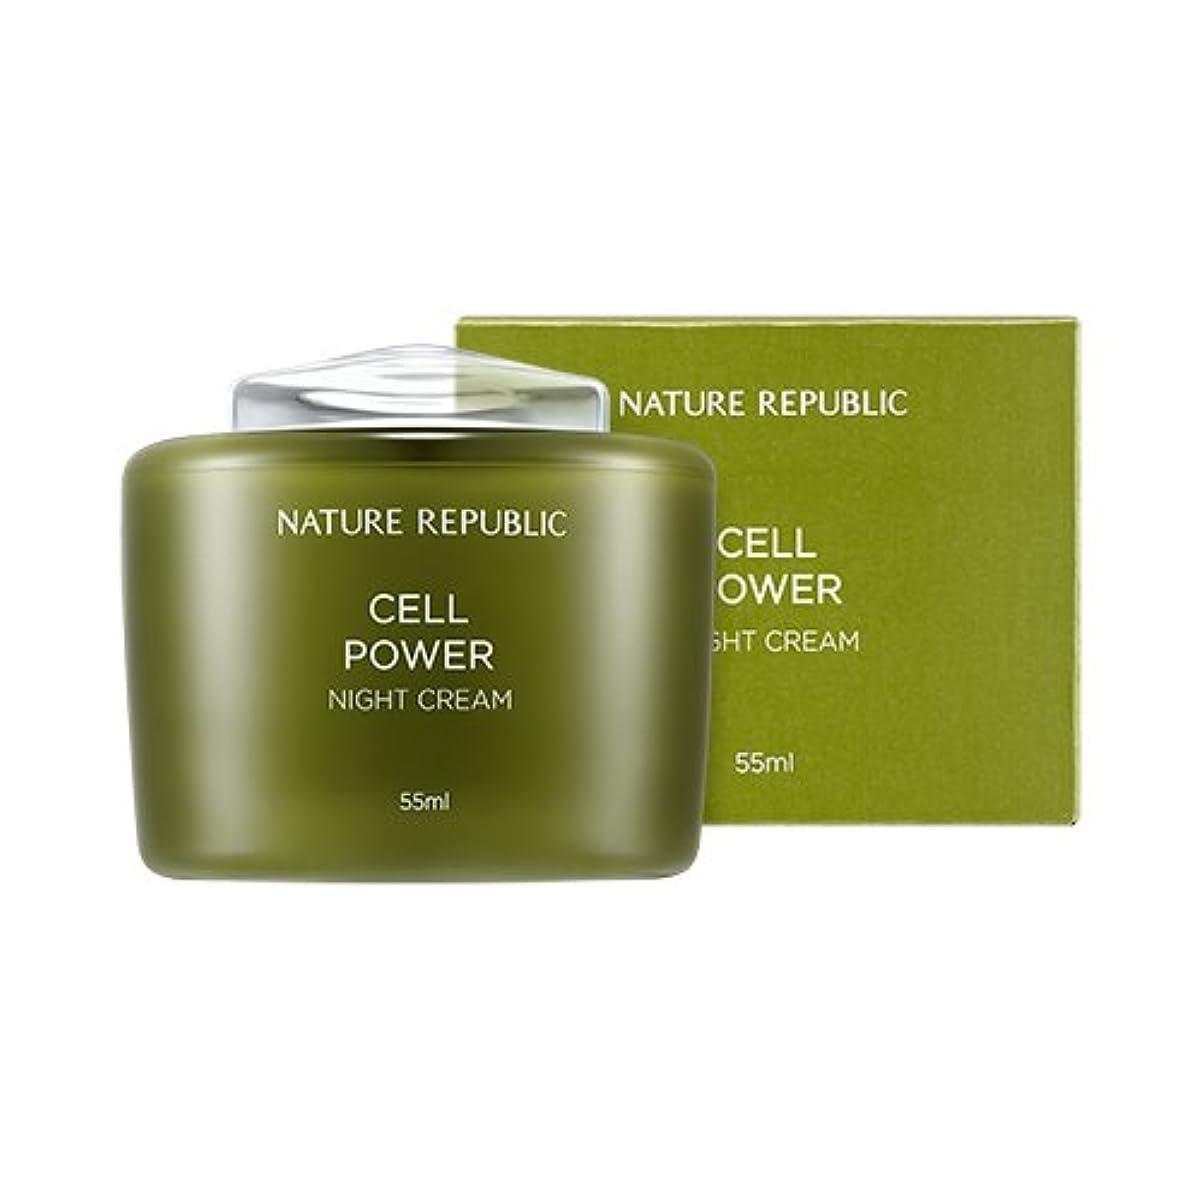 路地黄ばむ選択するNature Republic Cell Power Night Cream ネイチャーリパブリックセルパワーナイトクリーム [並行輸入品]